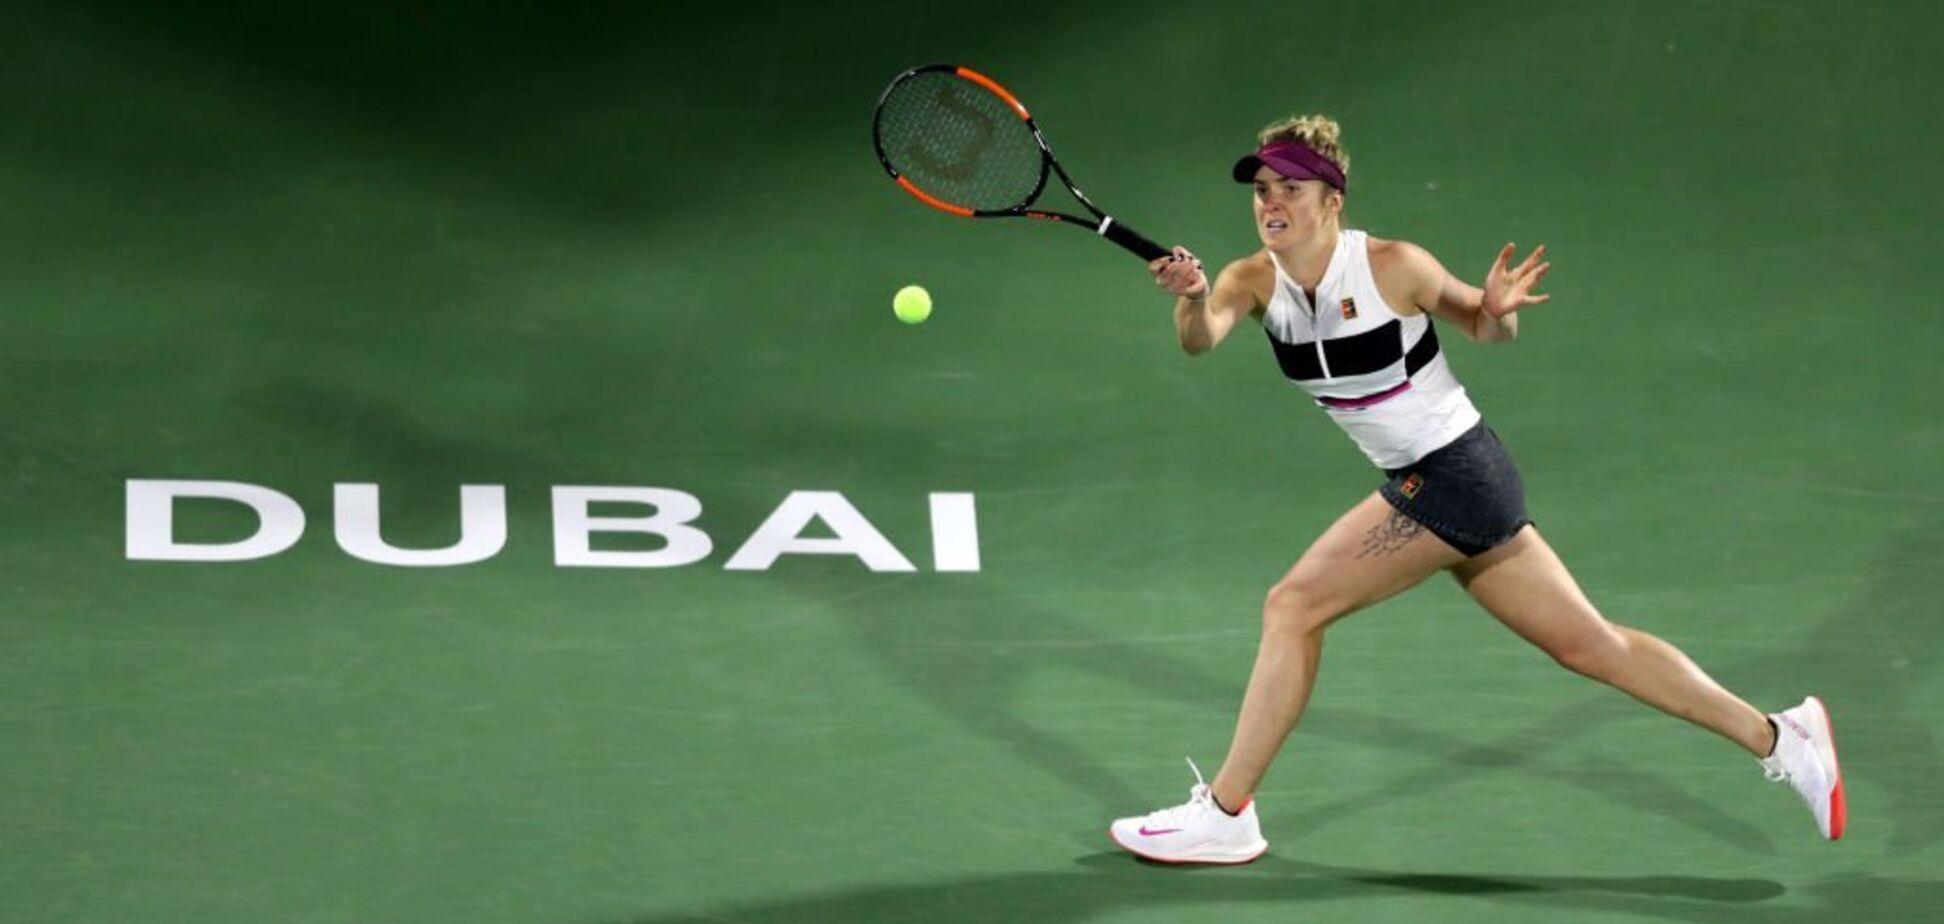 Свитолина уничтожила соперницу в 1/8 финала супертурнира в Дубае